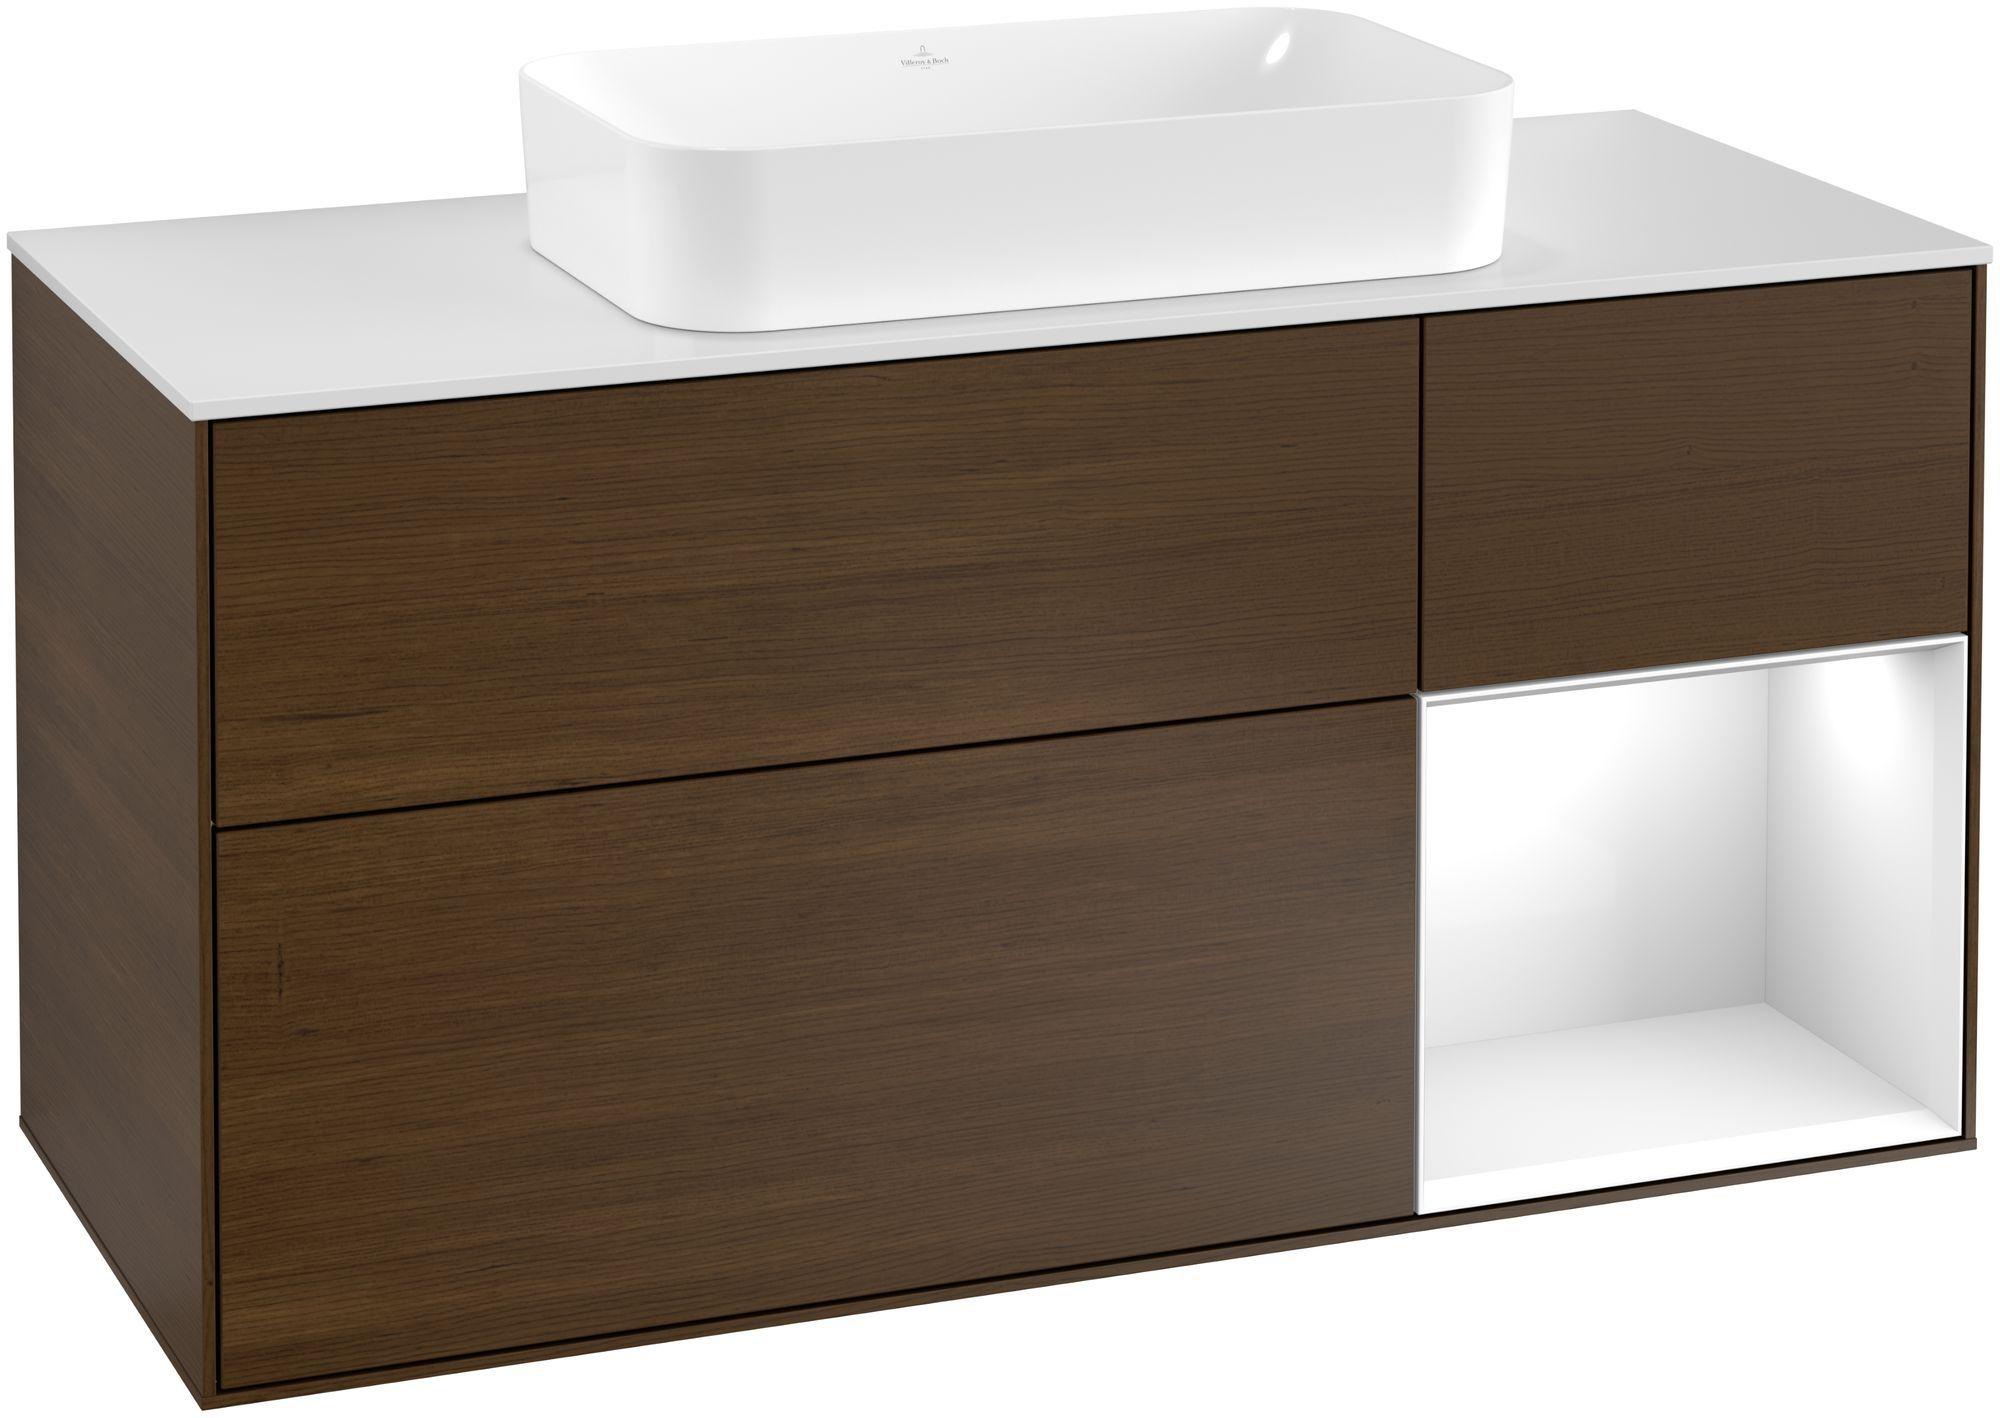 Villeroy & Boch Finion G30 Waschtischunterschrank mit Regalelement 3 Auszüge Waschtisch mittig LED-Beleuchtung B:120xH:60,3xT:50,1cm Front, Korpus: Walnut Veneer, Regal: Glossy White Lack, Glasplatte: White Matt G301GFGN